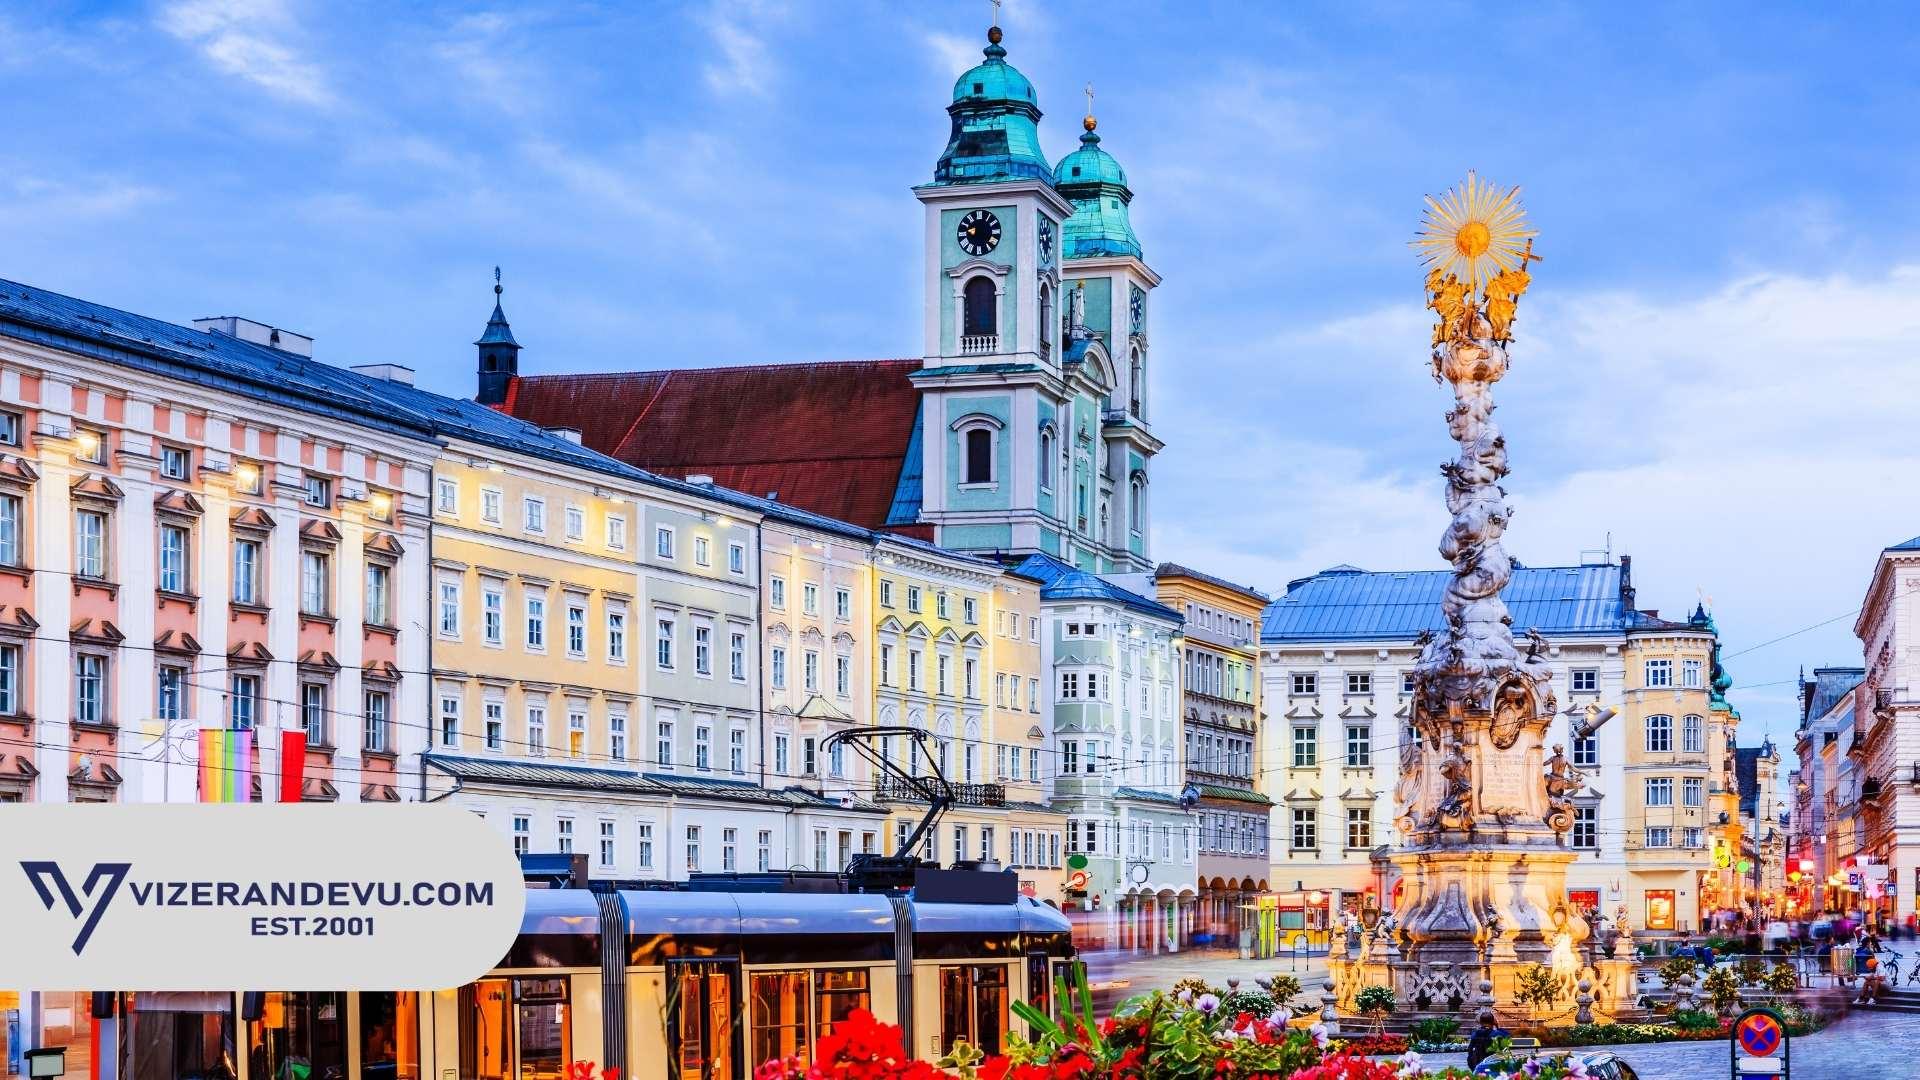 Avusturya Schengen Vizesi Başvurusu İçin Gerekli Olan Belgeler Nelerdir